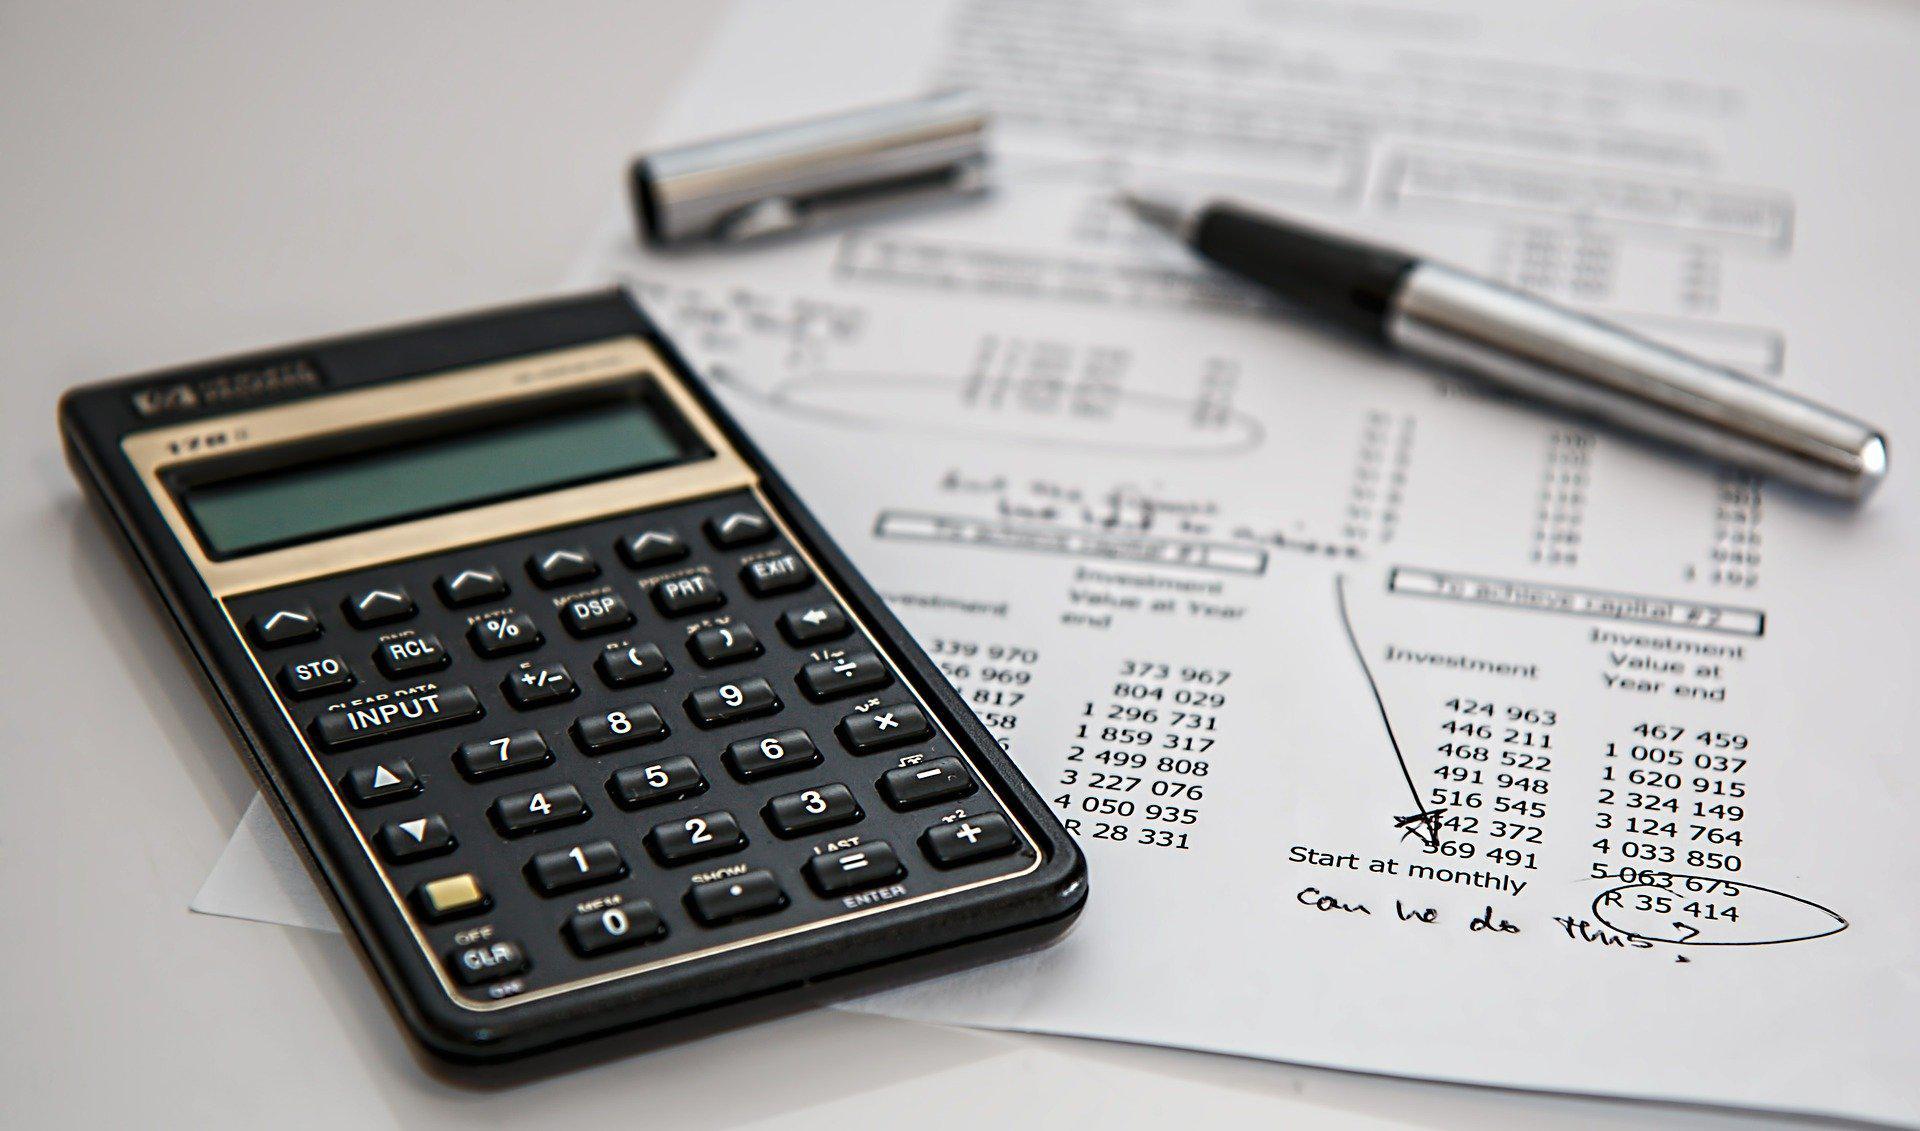 Минфин разъяснил порядок определения остаточной стоимости основного средства для участников КГН